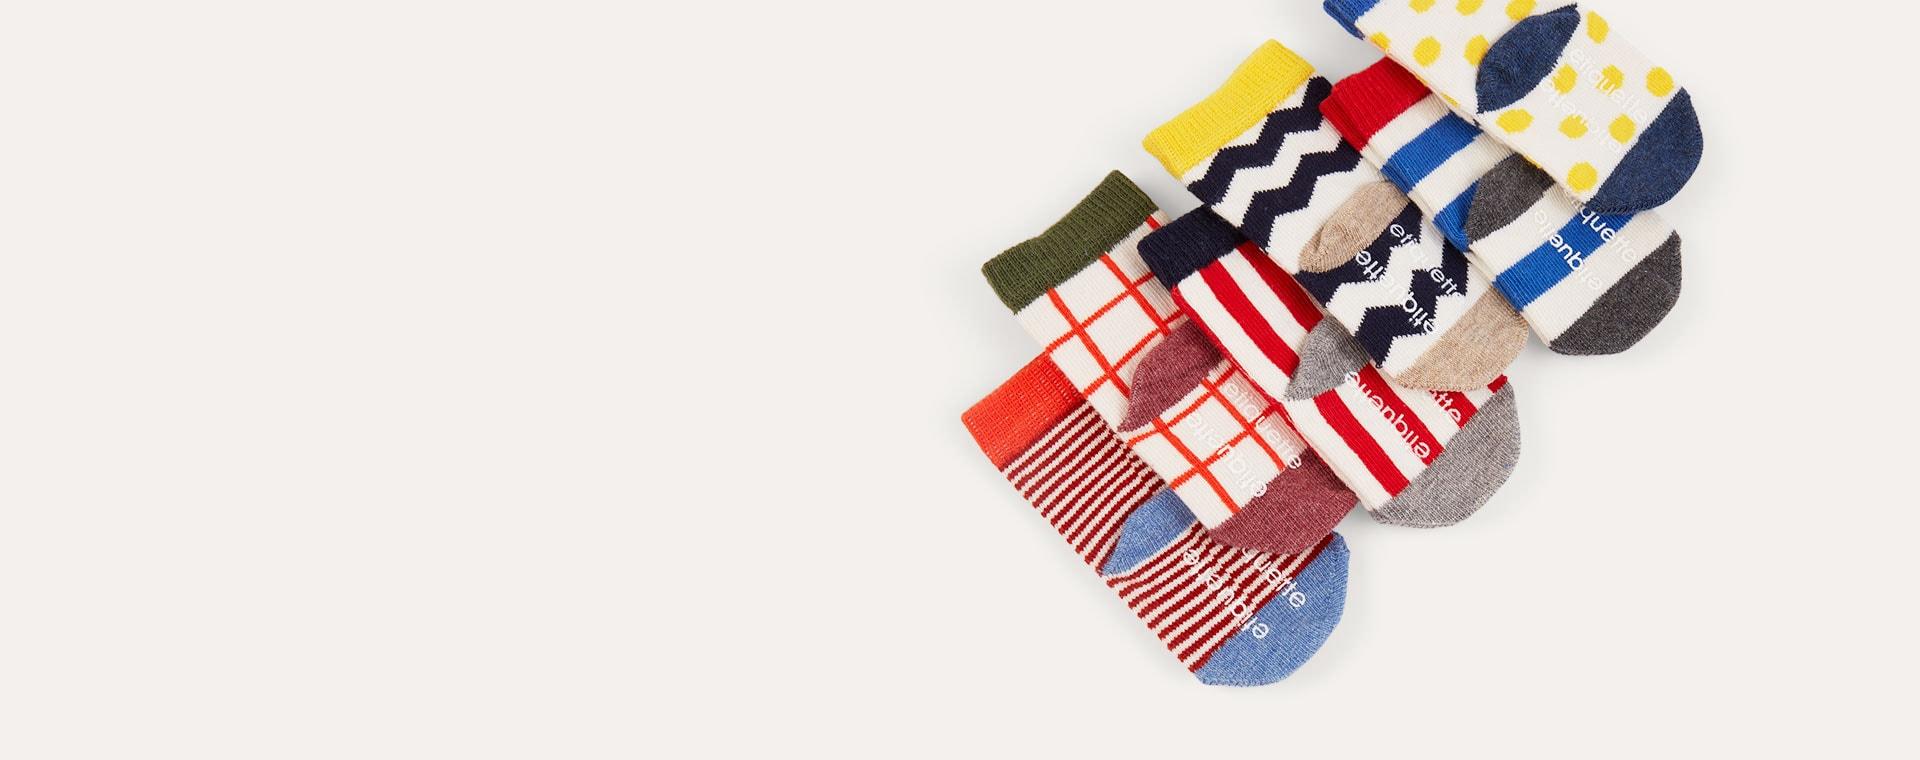 Graphix etiquette 6-Pack Baby Socks 0-12m